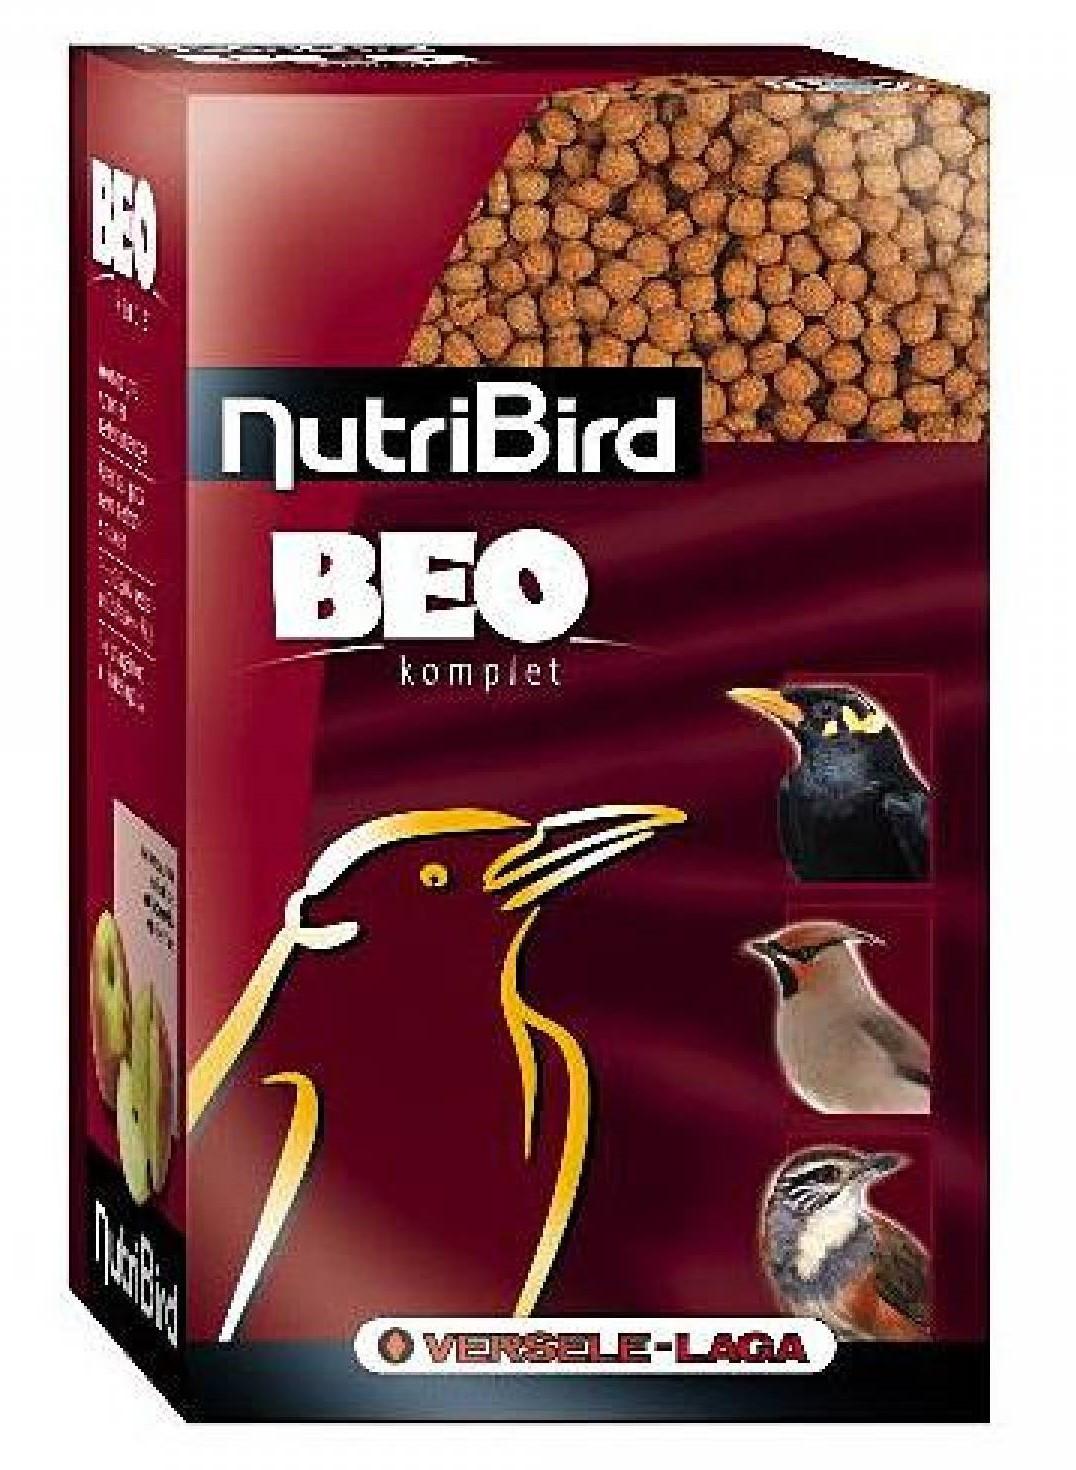 Nutribird Beo komplet 500 gr